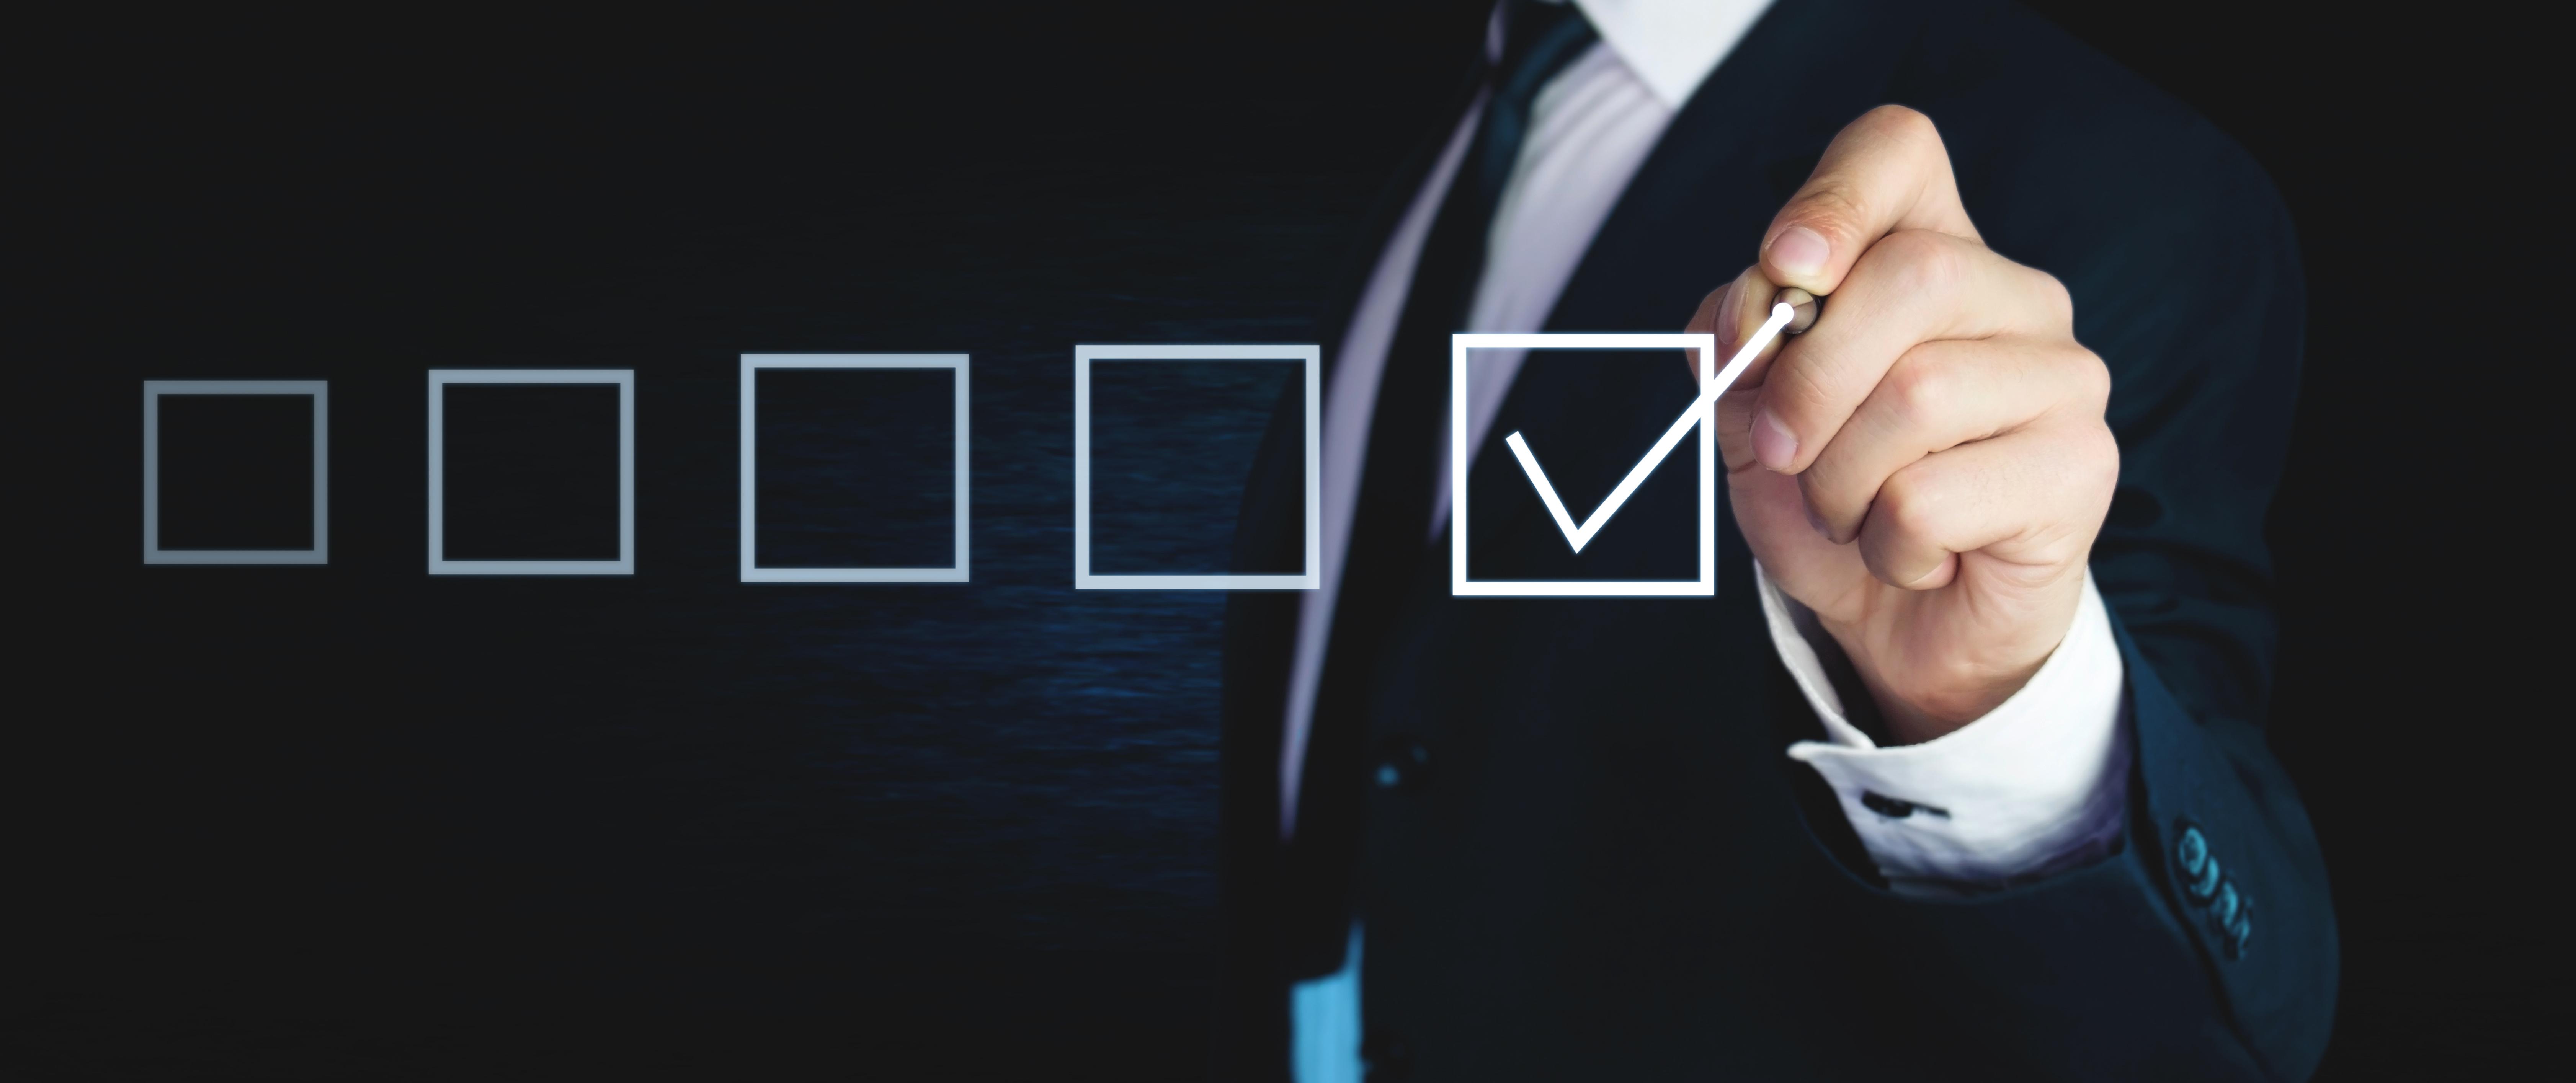 Wahlbeteiligung Mann hakt Kaestchen ab